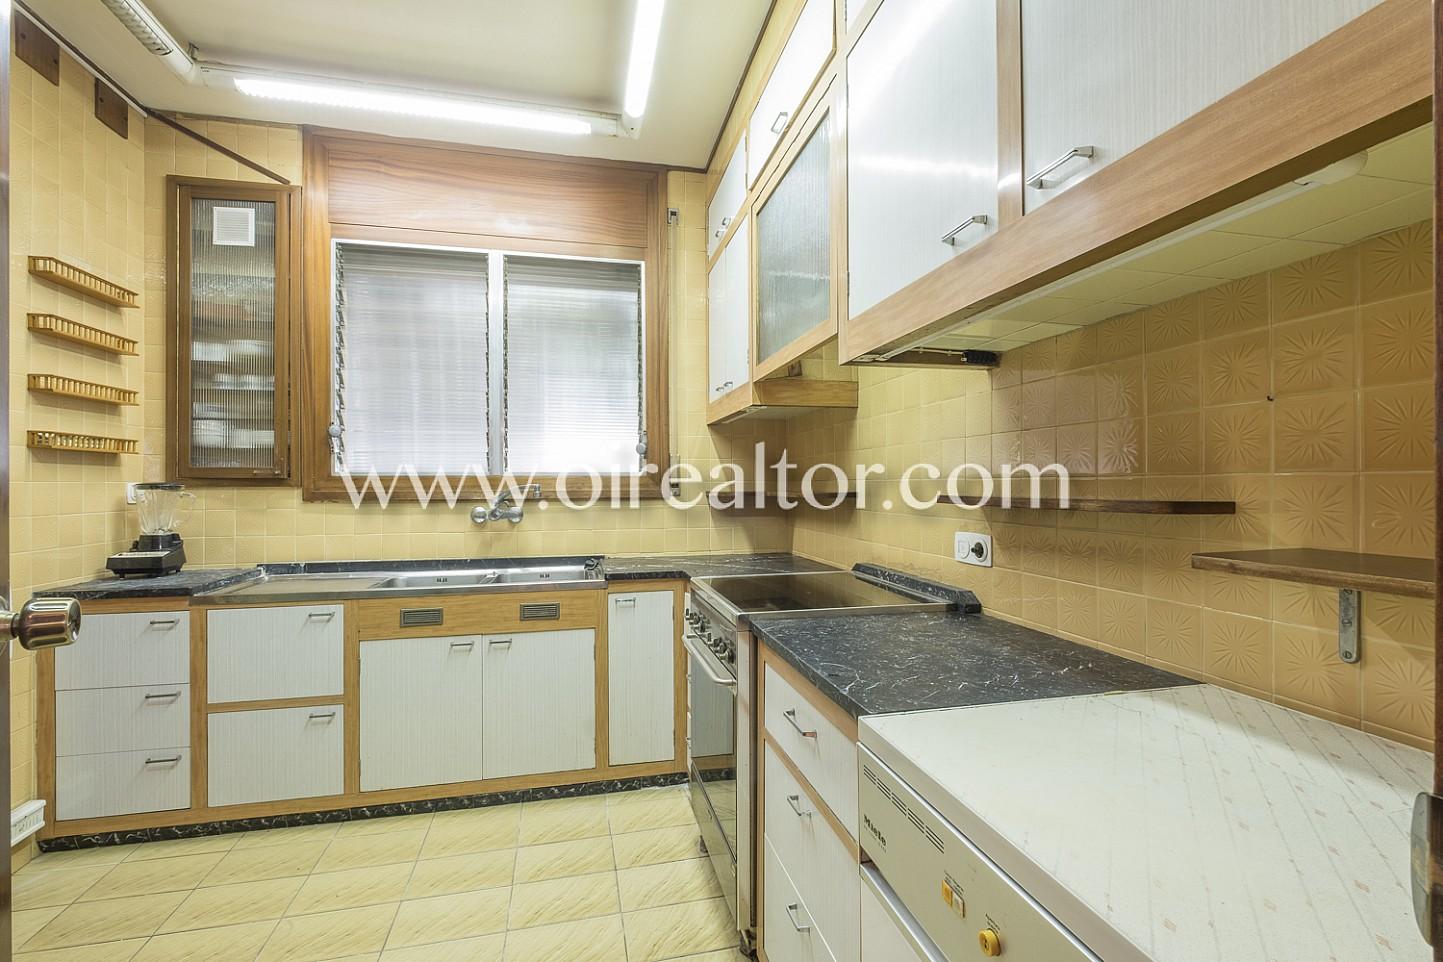 cocina, cocina equipada, electrodomésticos, cocina con electrodomésticos, horno, campana extractora vitrocerámica